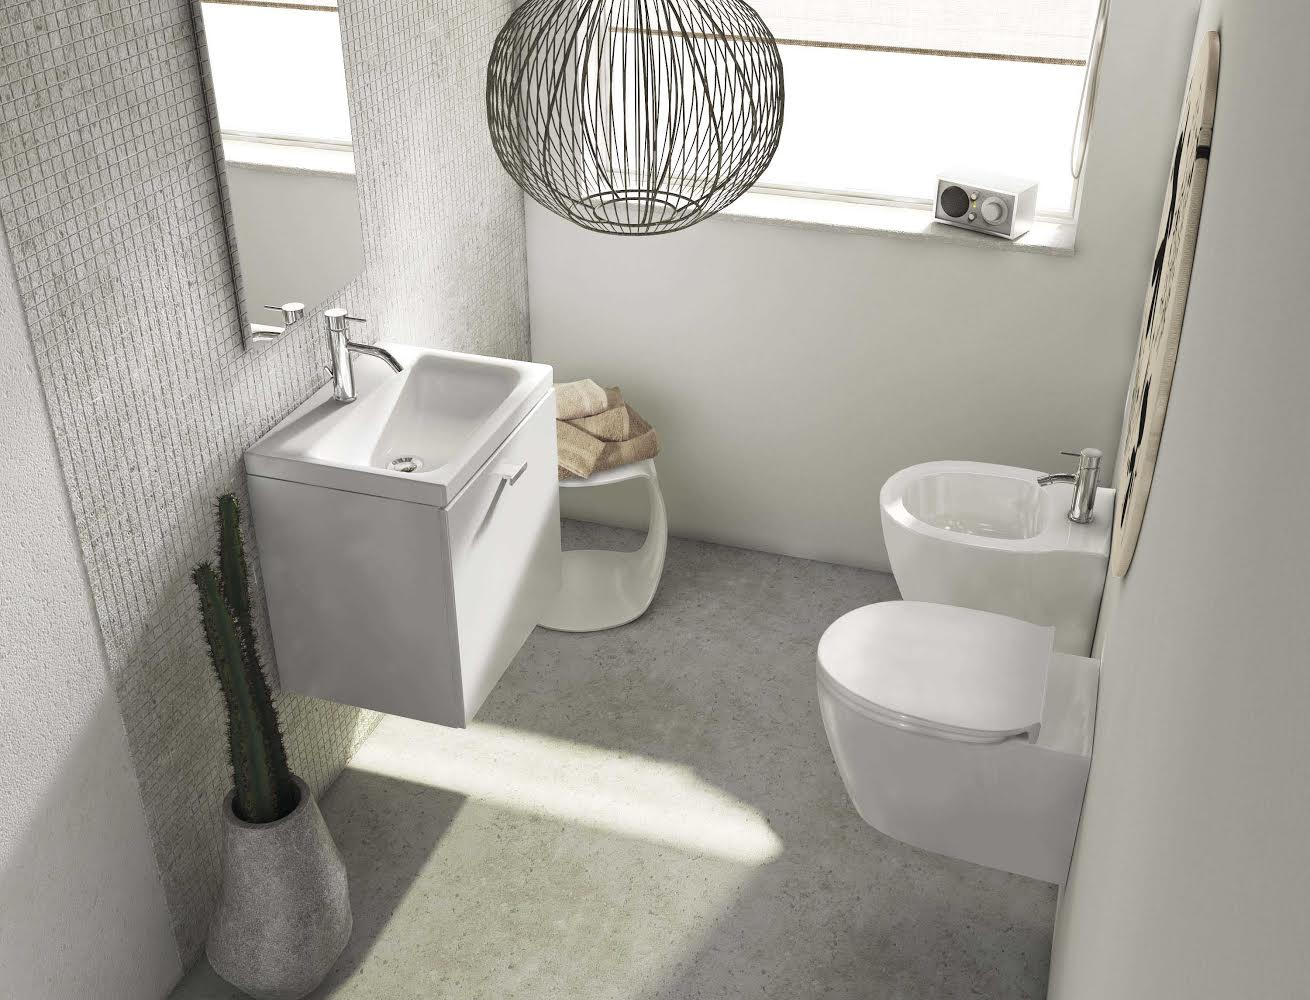 Arredo Bagno Salvaspazio : Mobili bagno piccole dimensioni best bagno piccolo idee duarredo